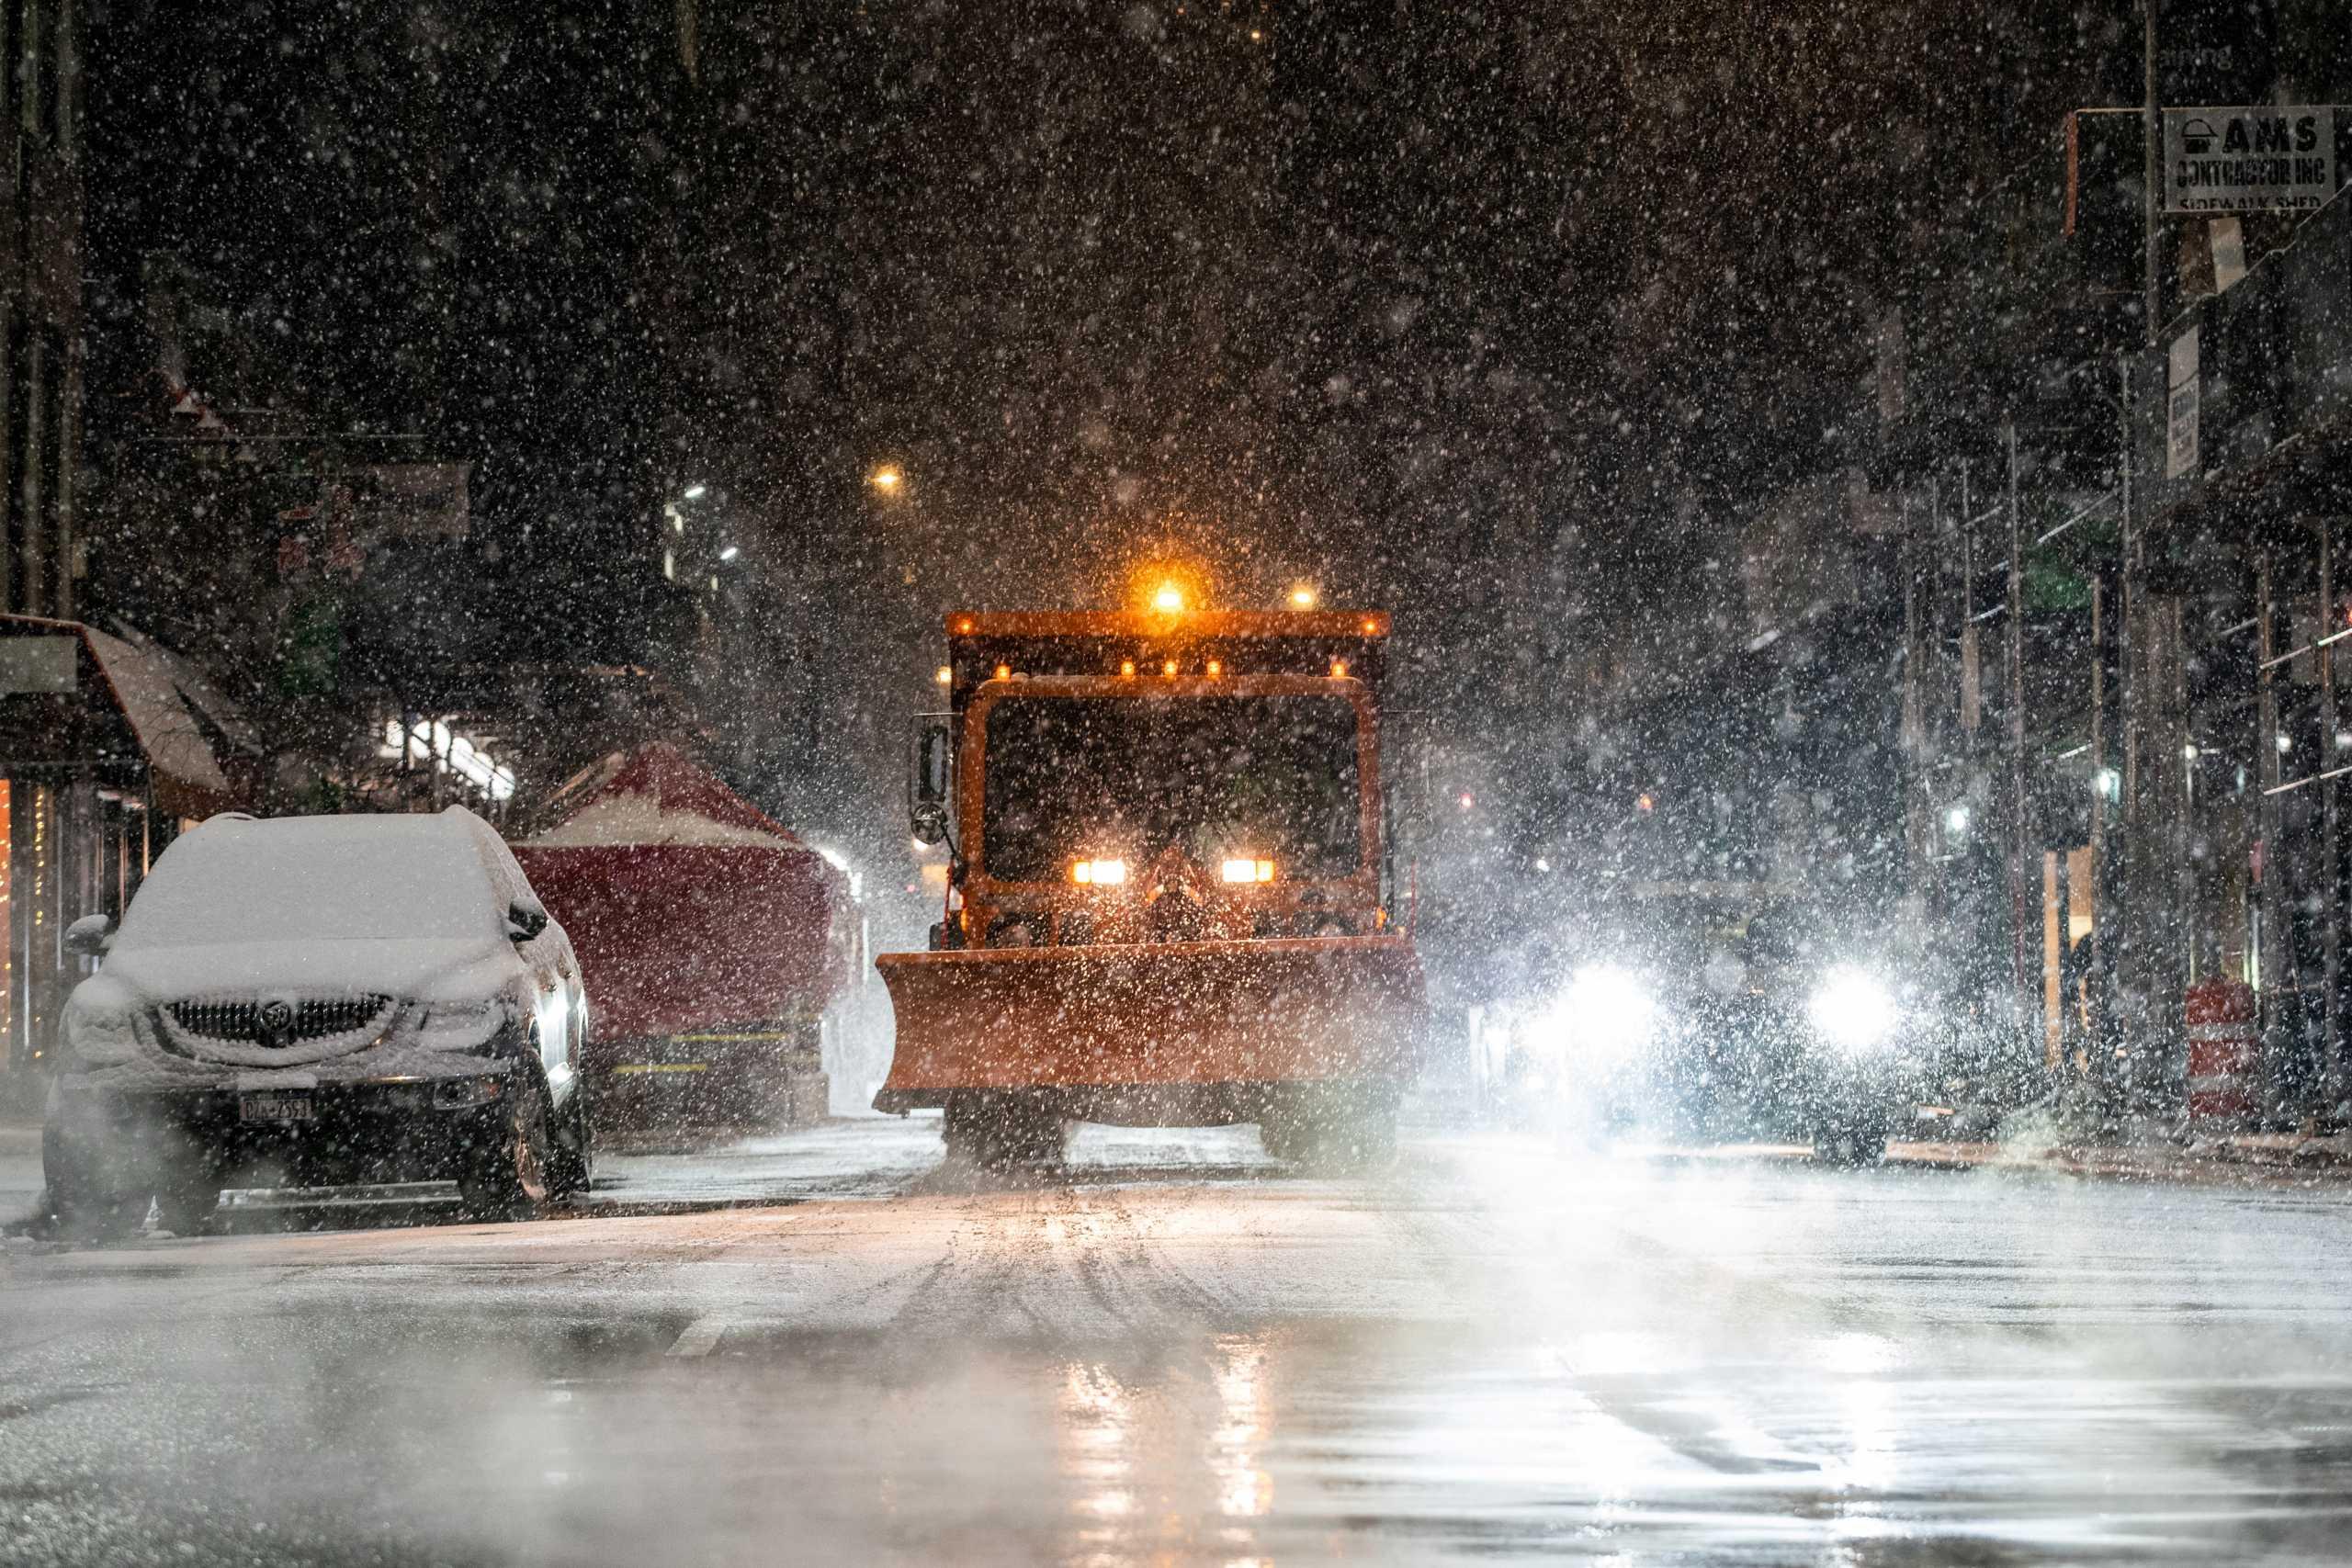 Συναγερμός στις ανατολικές ΗΠΑ: Περιμένουν ισχυρή χιονοθύελλα τις επόμενες ώρες